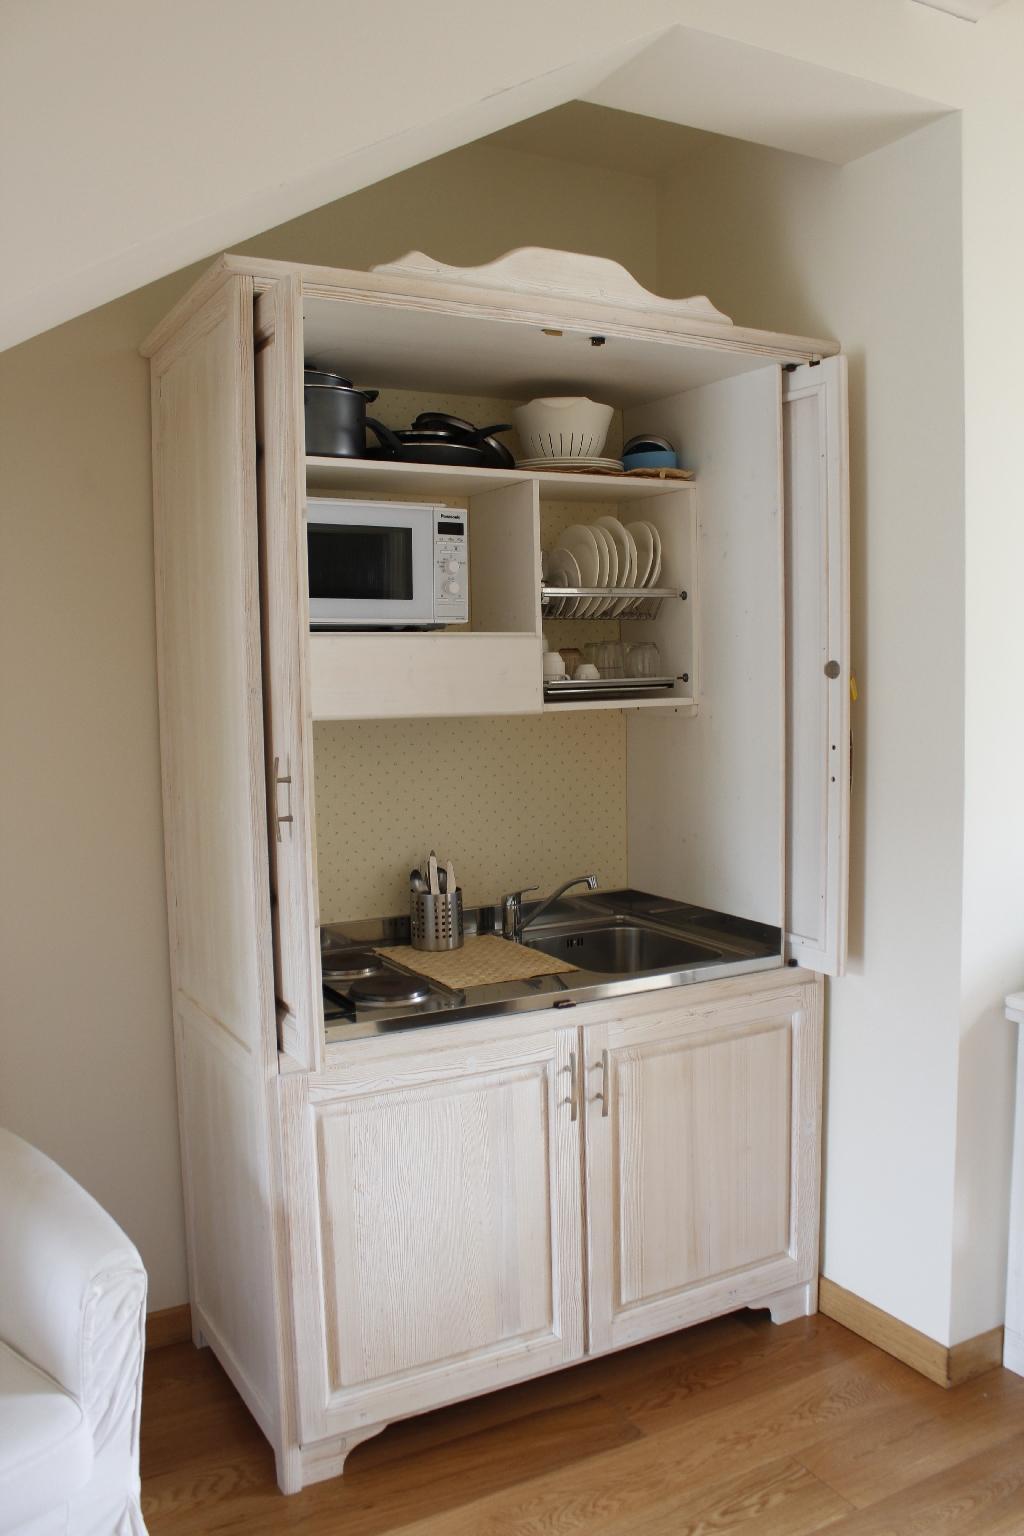 Una kitchenette completa e funzionale negli appartamenti dell' Hotel Giardino